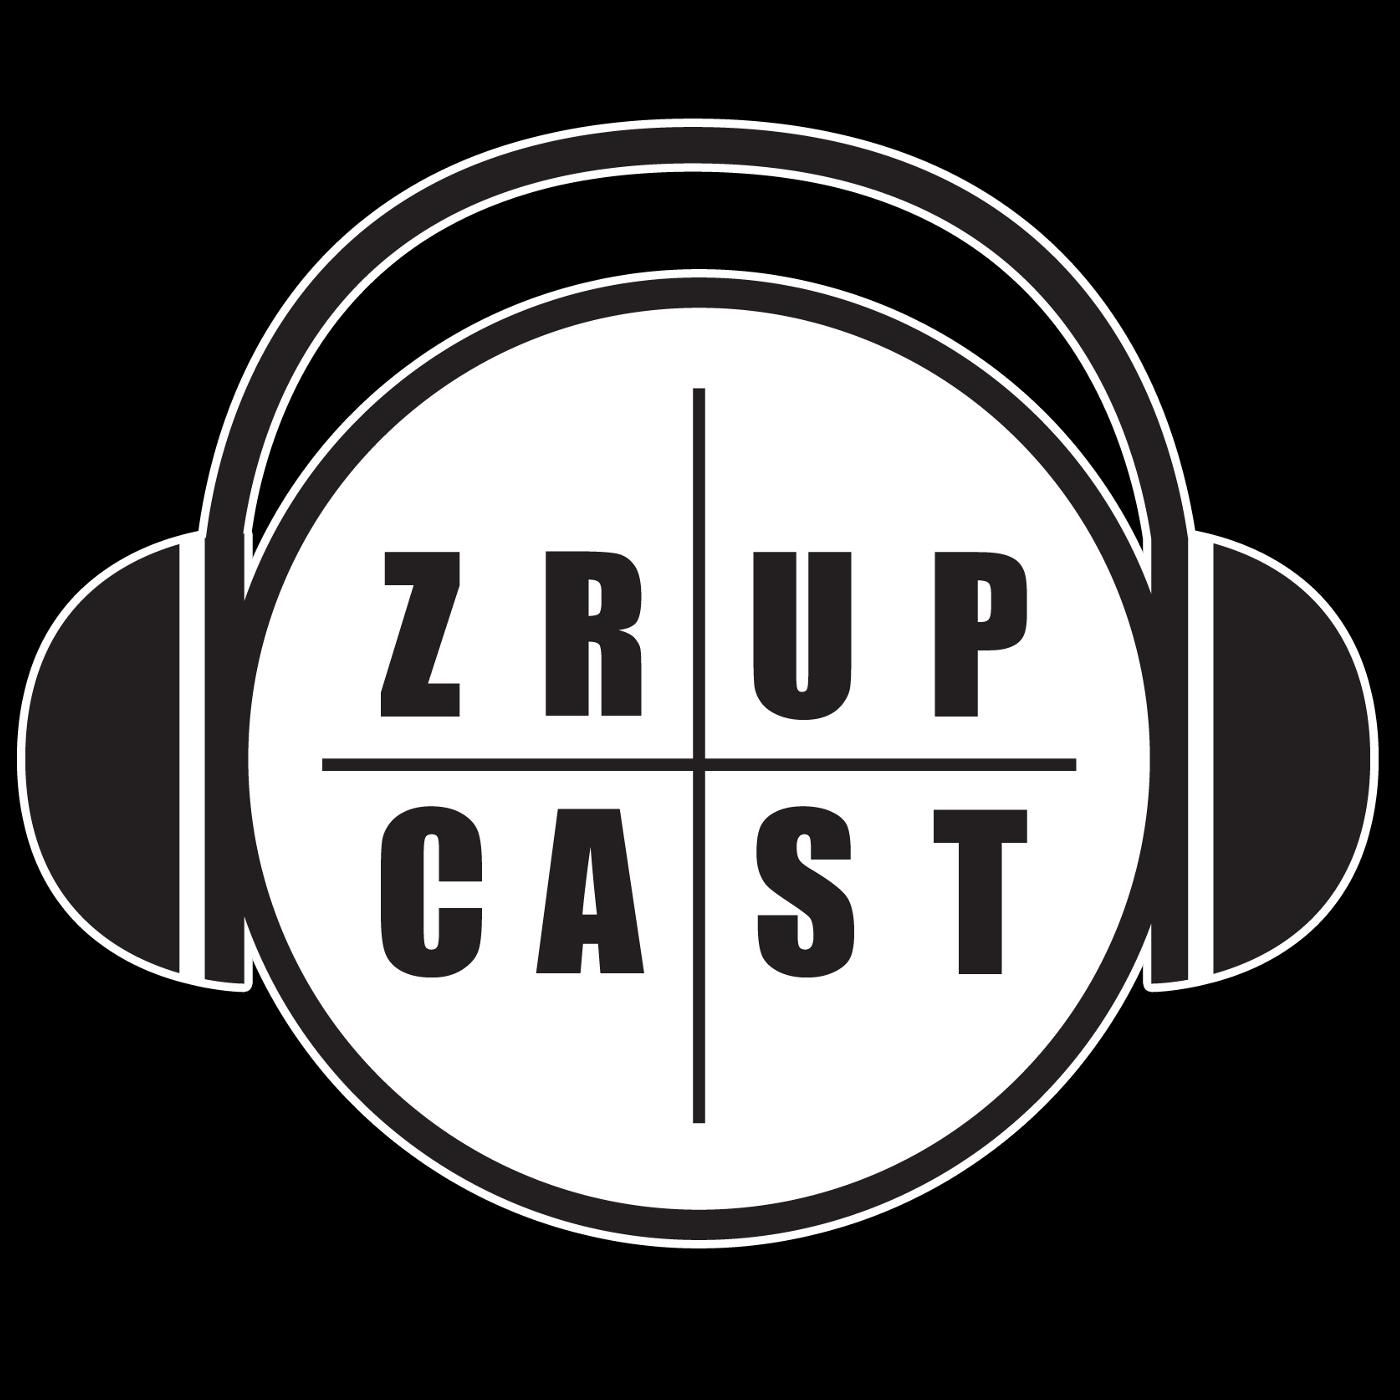 Jak Zostałam Mistrzynią Driftingu | Karolina Pilarczyk | ZRUPcast #38